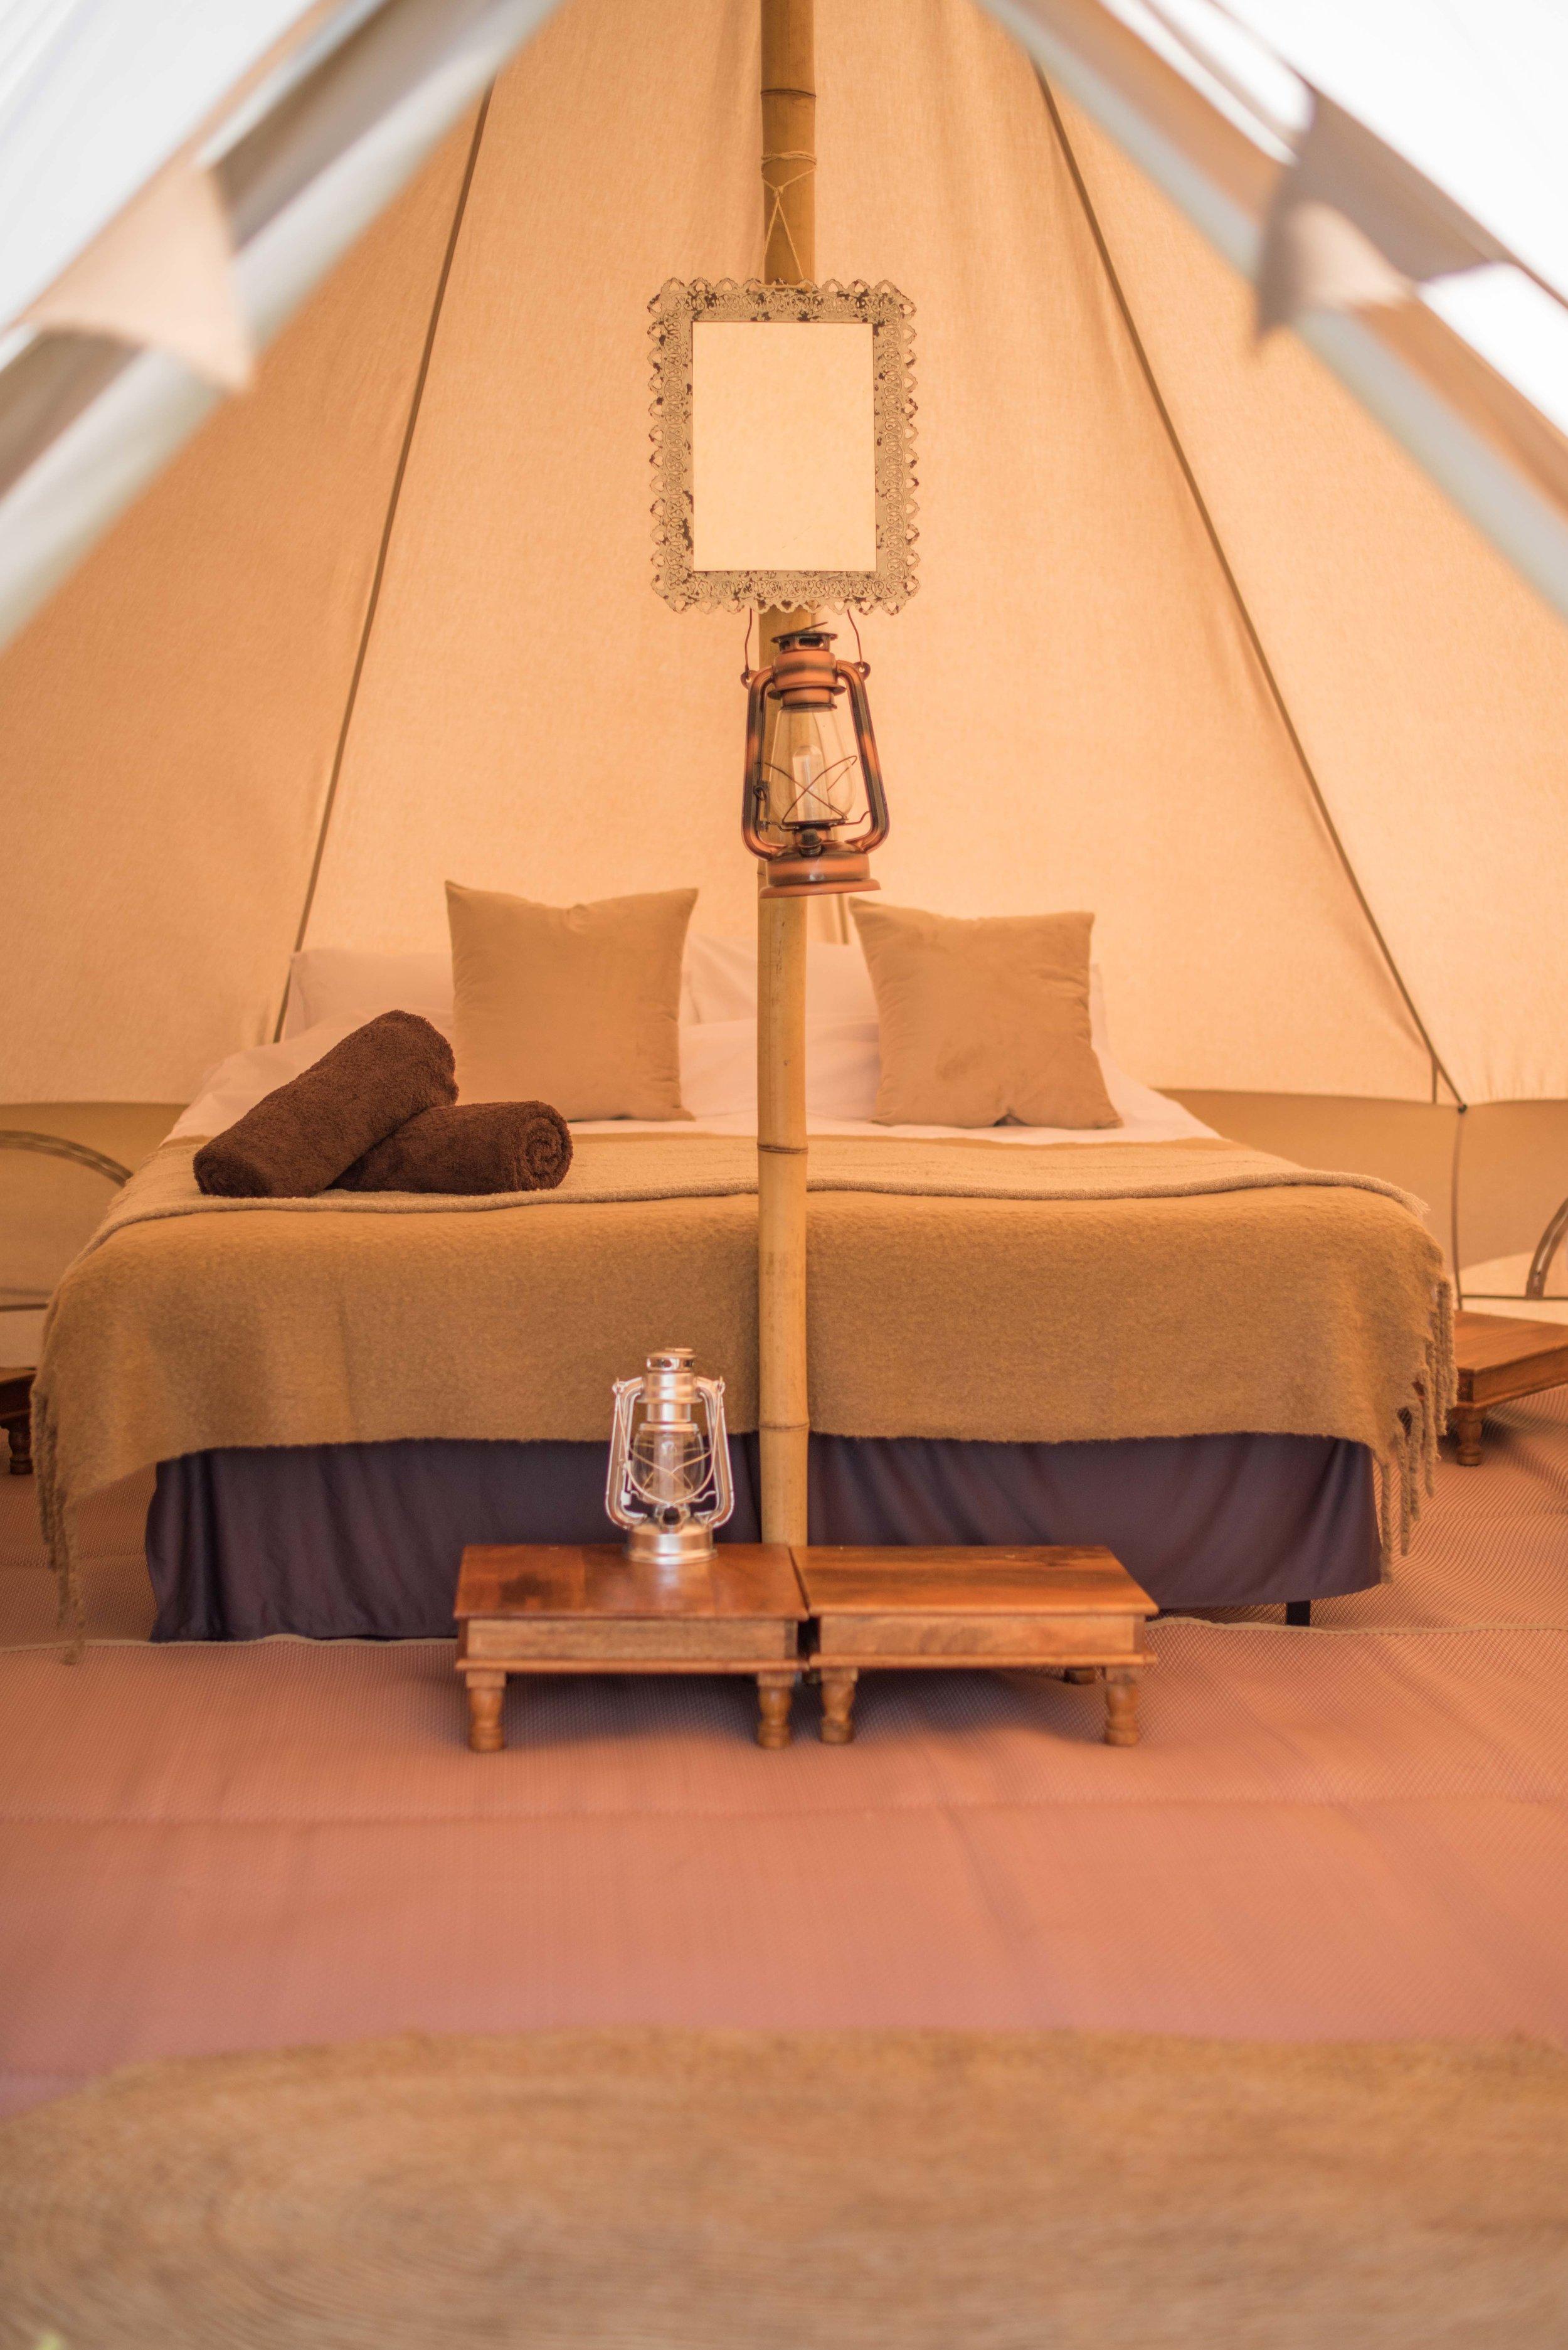 hotel_bell_tent_d1.jpg